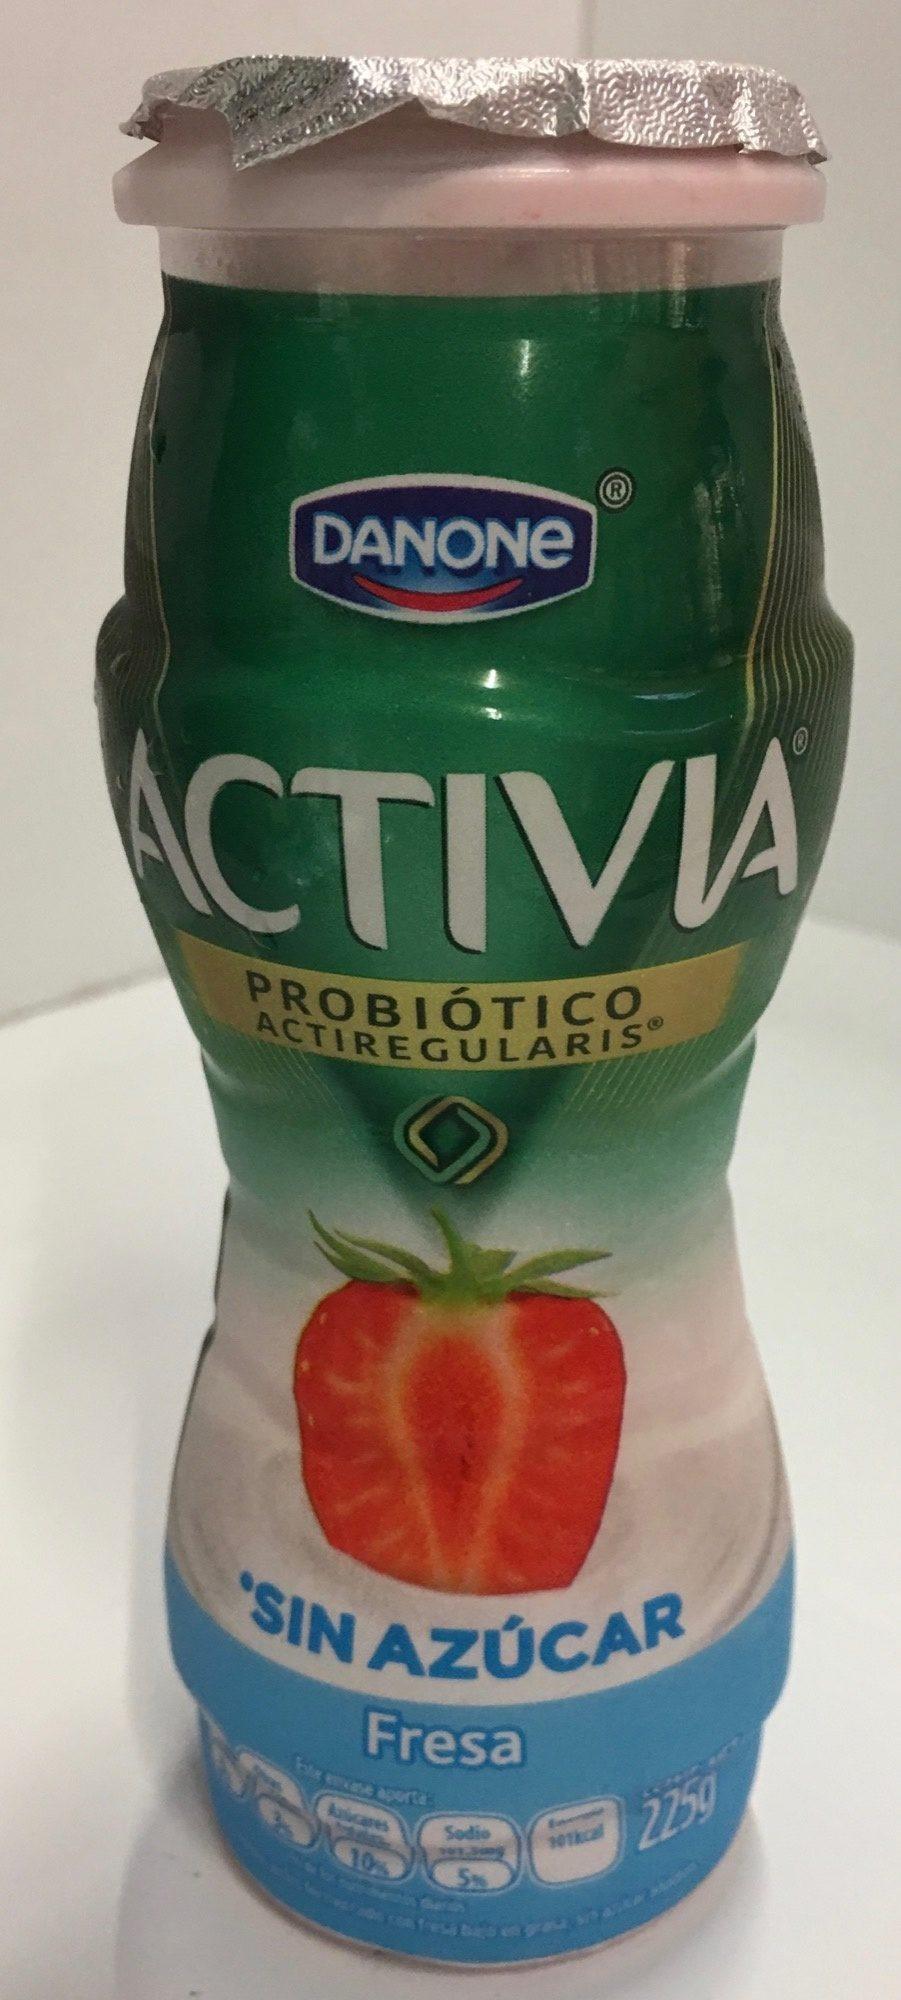 Activia Fresa Sin azúcar - Product